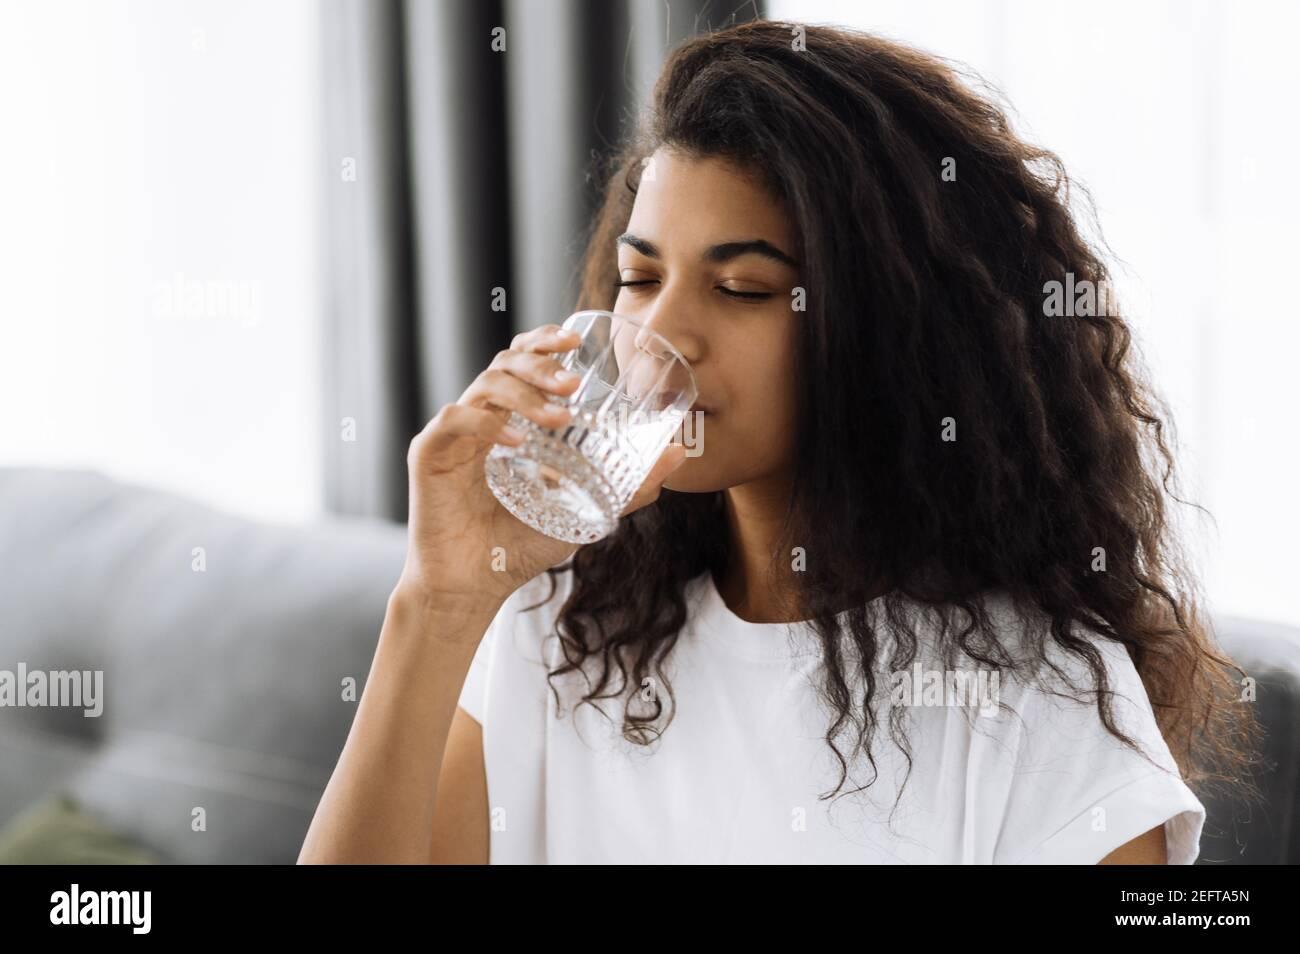 Un mode de vie sain. La jeune femme afro-américaine boit un verre d'eau tout en étant assise sur le canapé à la maison. Belle femme en bonne santé suivre un mode de vie sain Banque D'Images